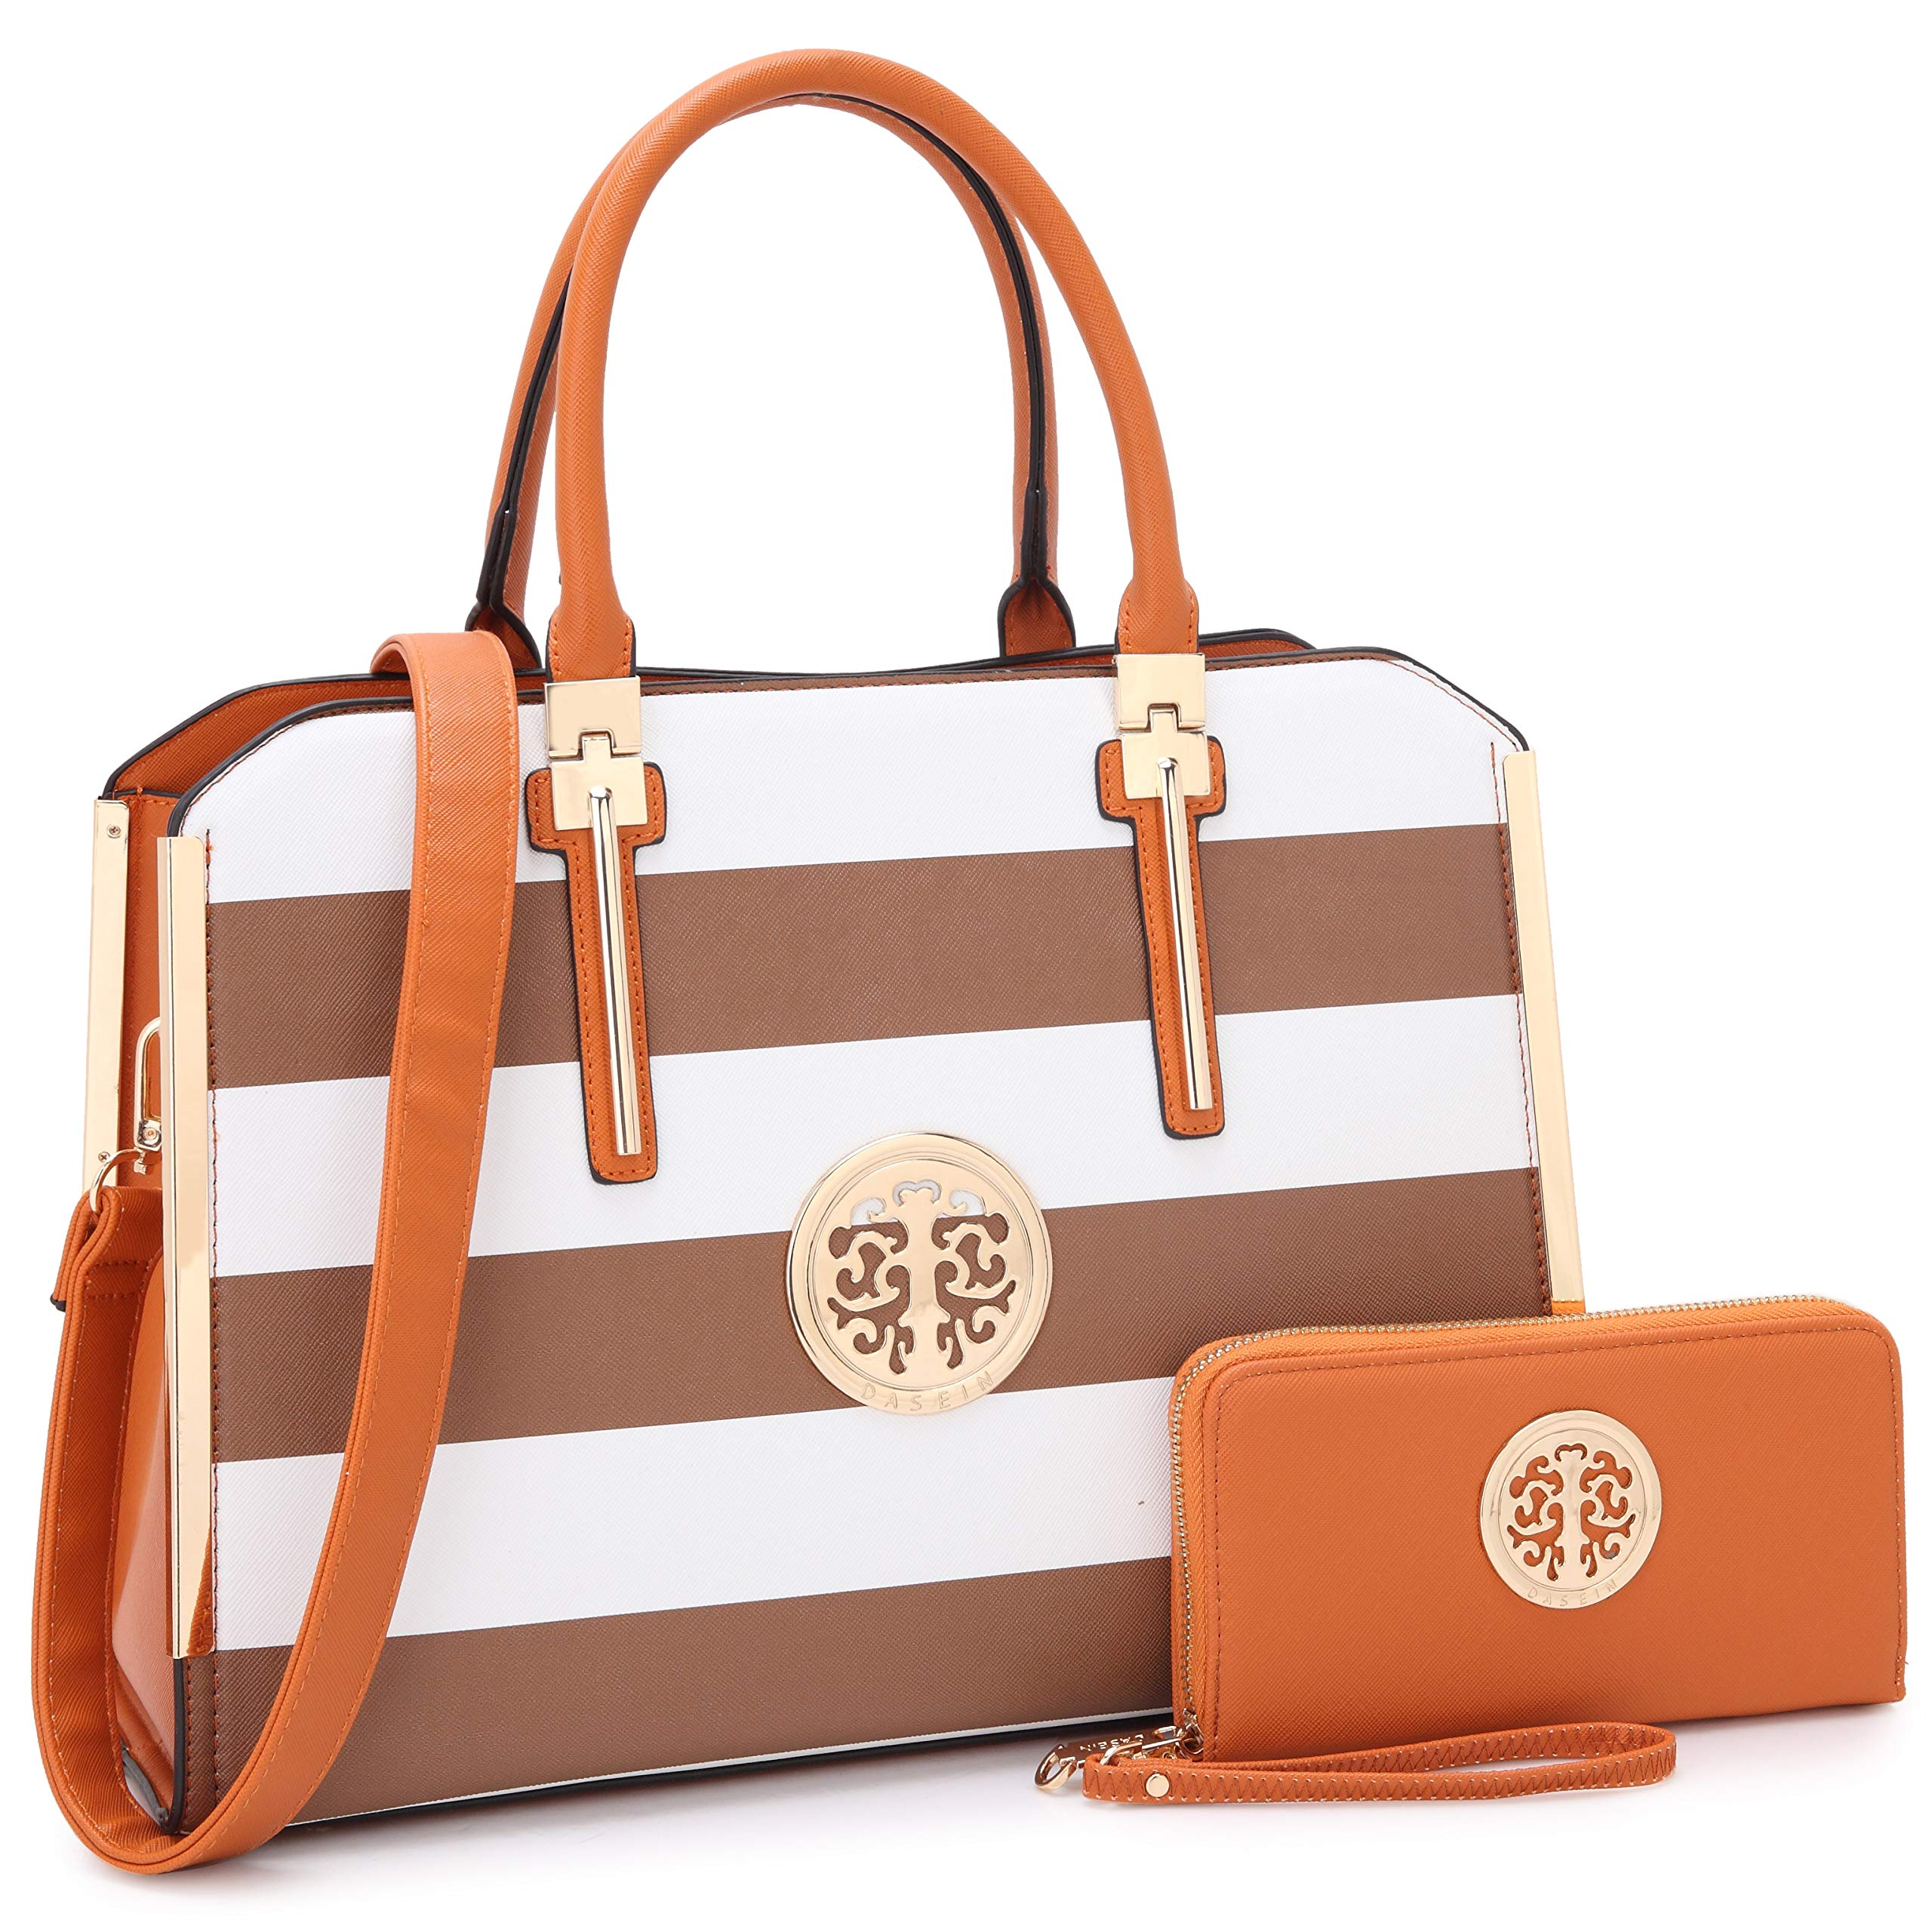 MMK 女士手提包手提包女士套装人造皮革钱包/钱包(2 件套)